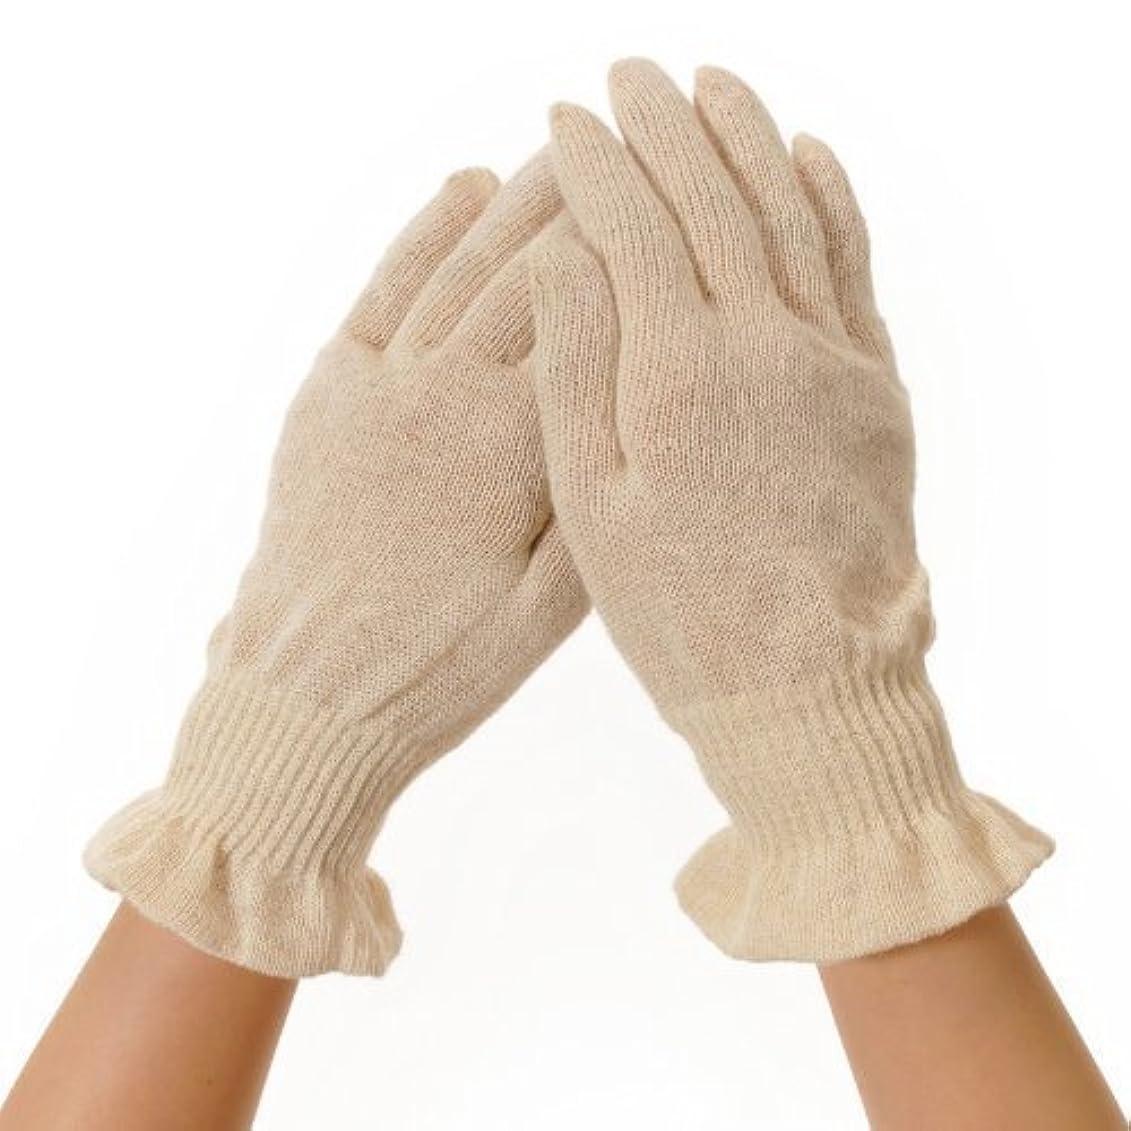 麻福 就寝用 手袋 [寝ている間に保湿で手荒れケア おやすみ手袋] 麻福特製ヘンプ糸 R レギュラーサイズ (女性ゆったり/男性ジャストフィット) きなり色 手荒れ予防